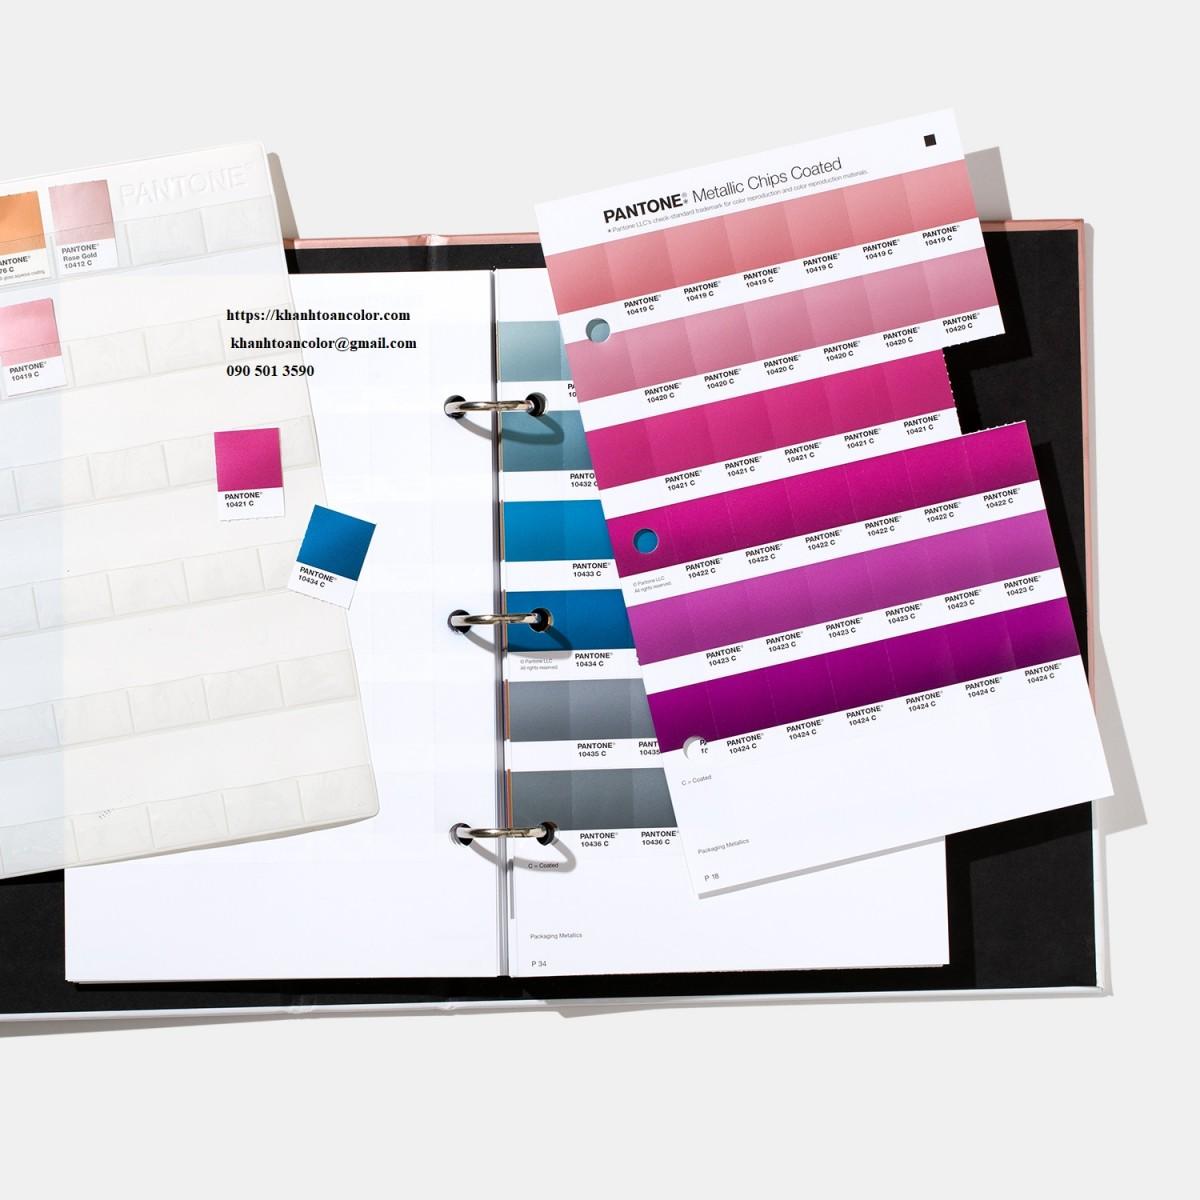 đặc điểm màu sắc của pantone c metallics chip book gb1507a năm 2020